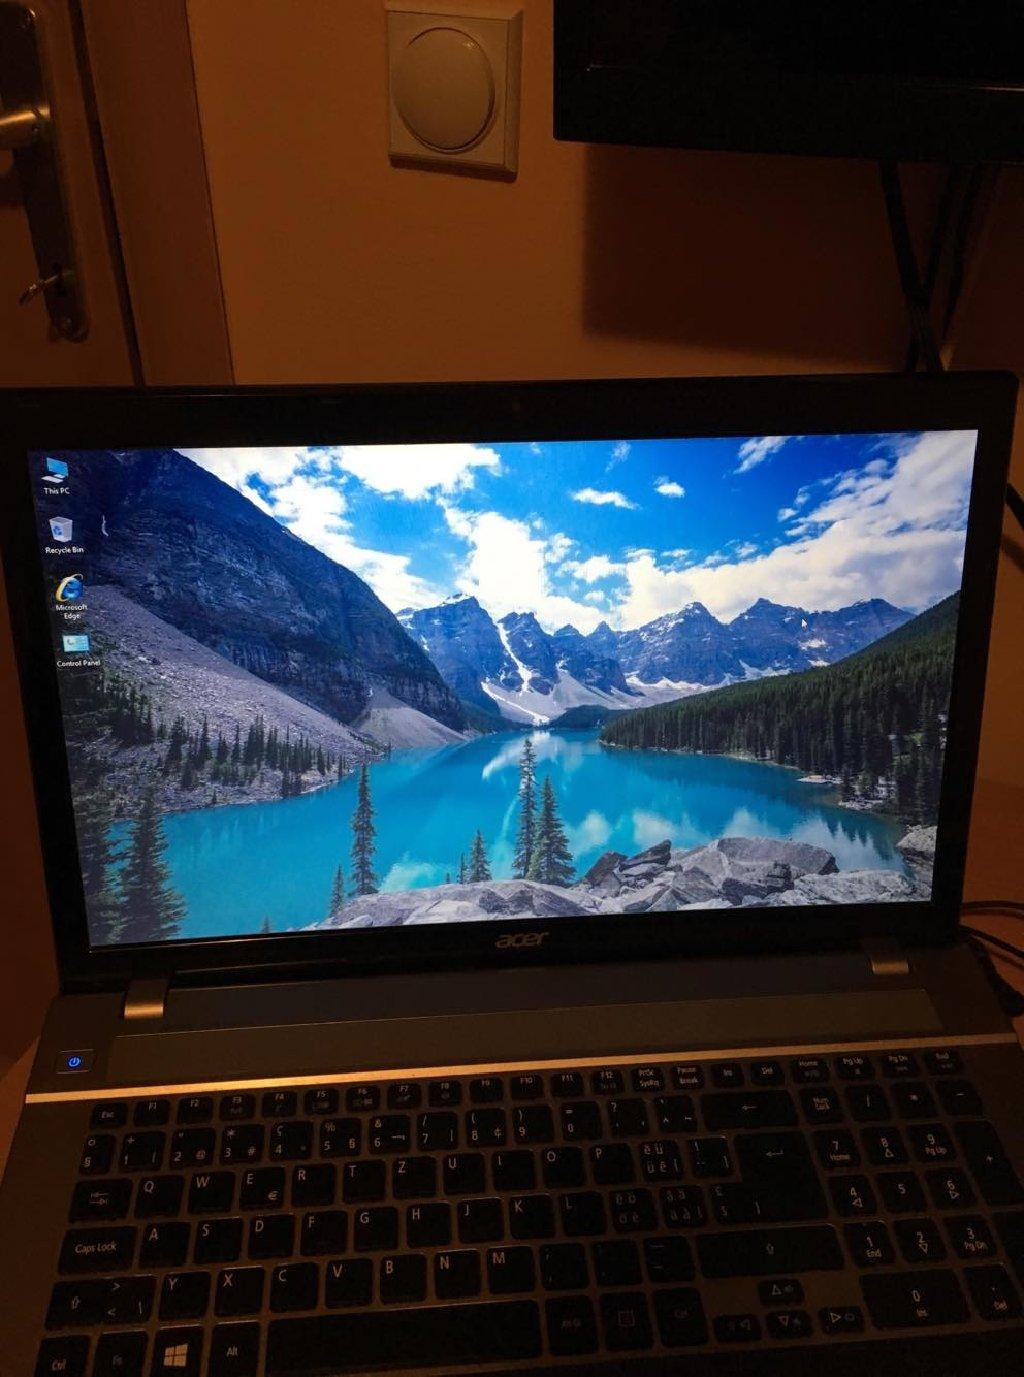 Na prodaju Acer laptop sa sledecim komponentama